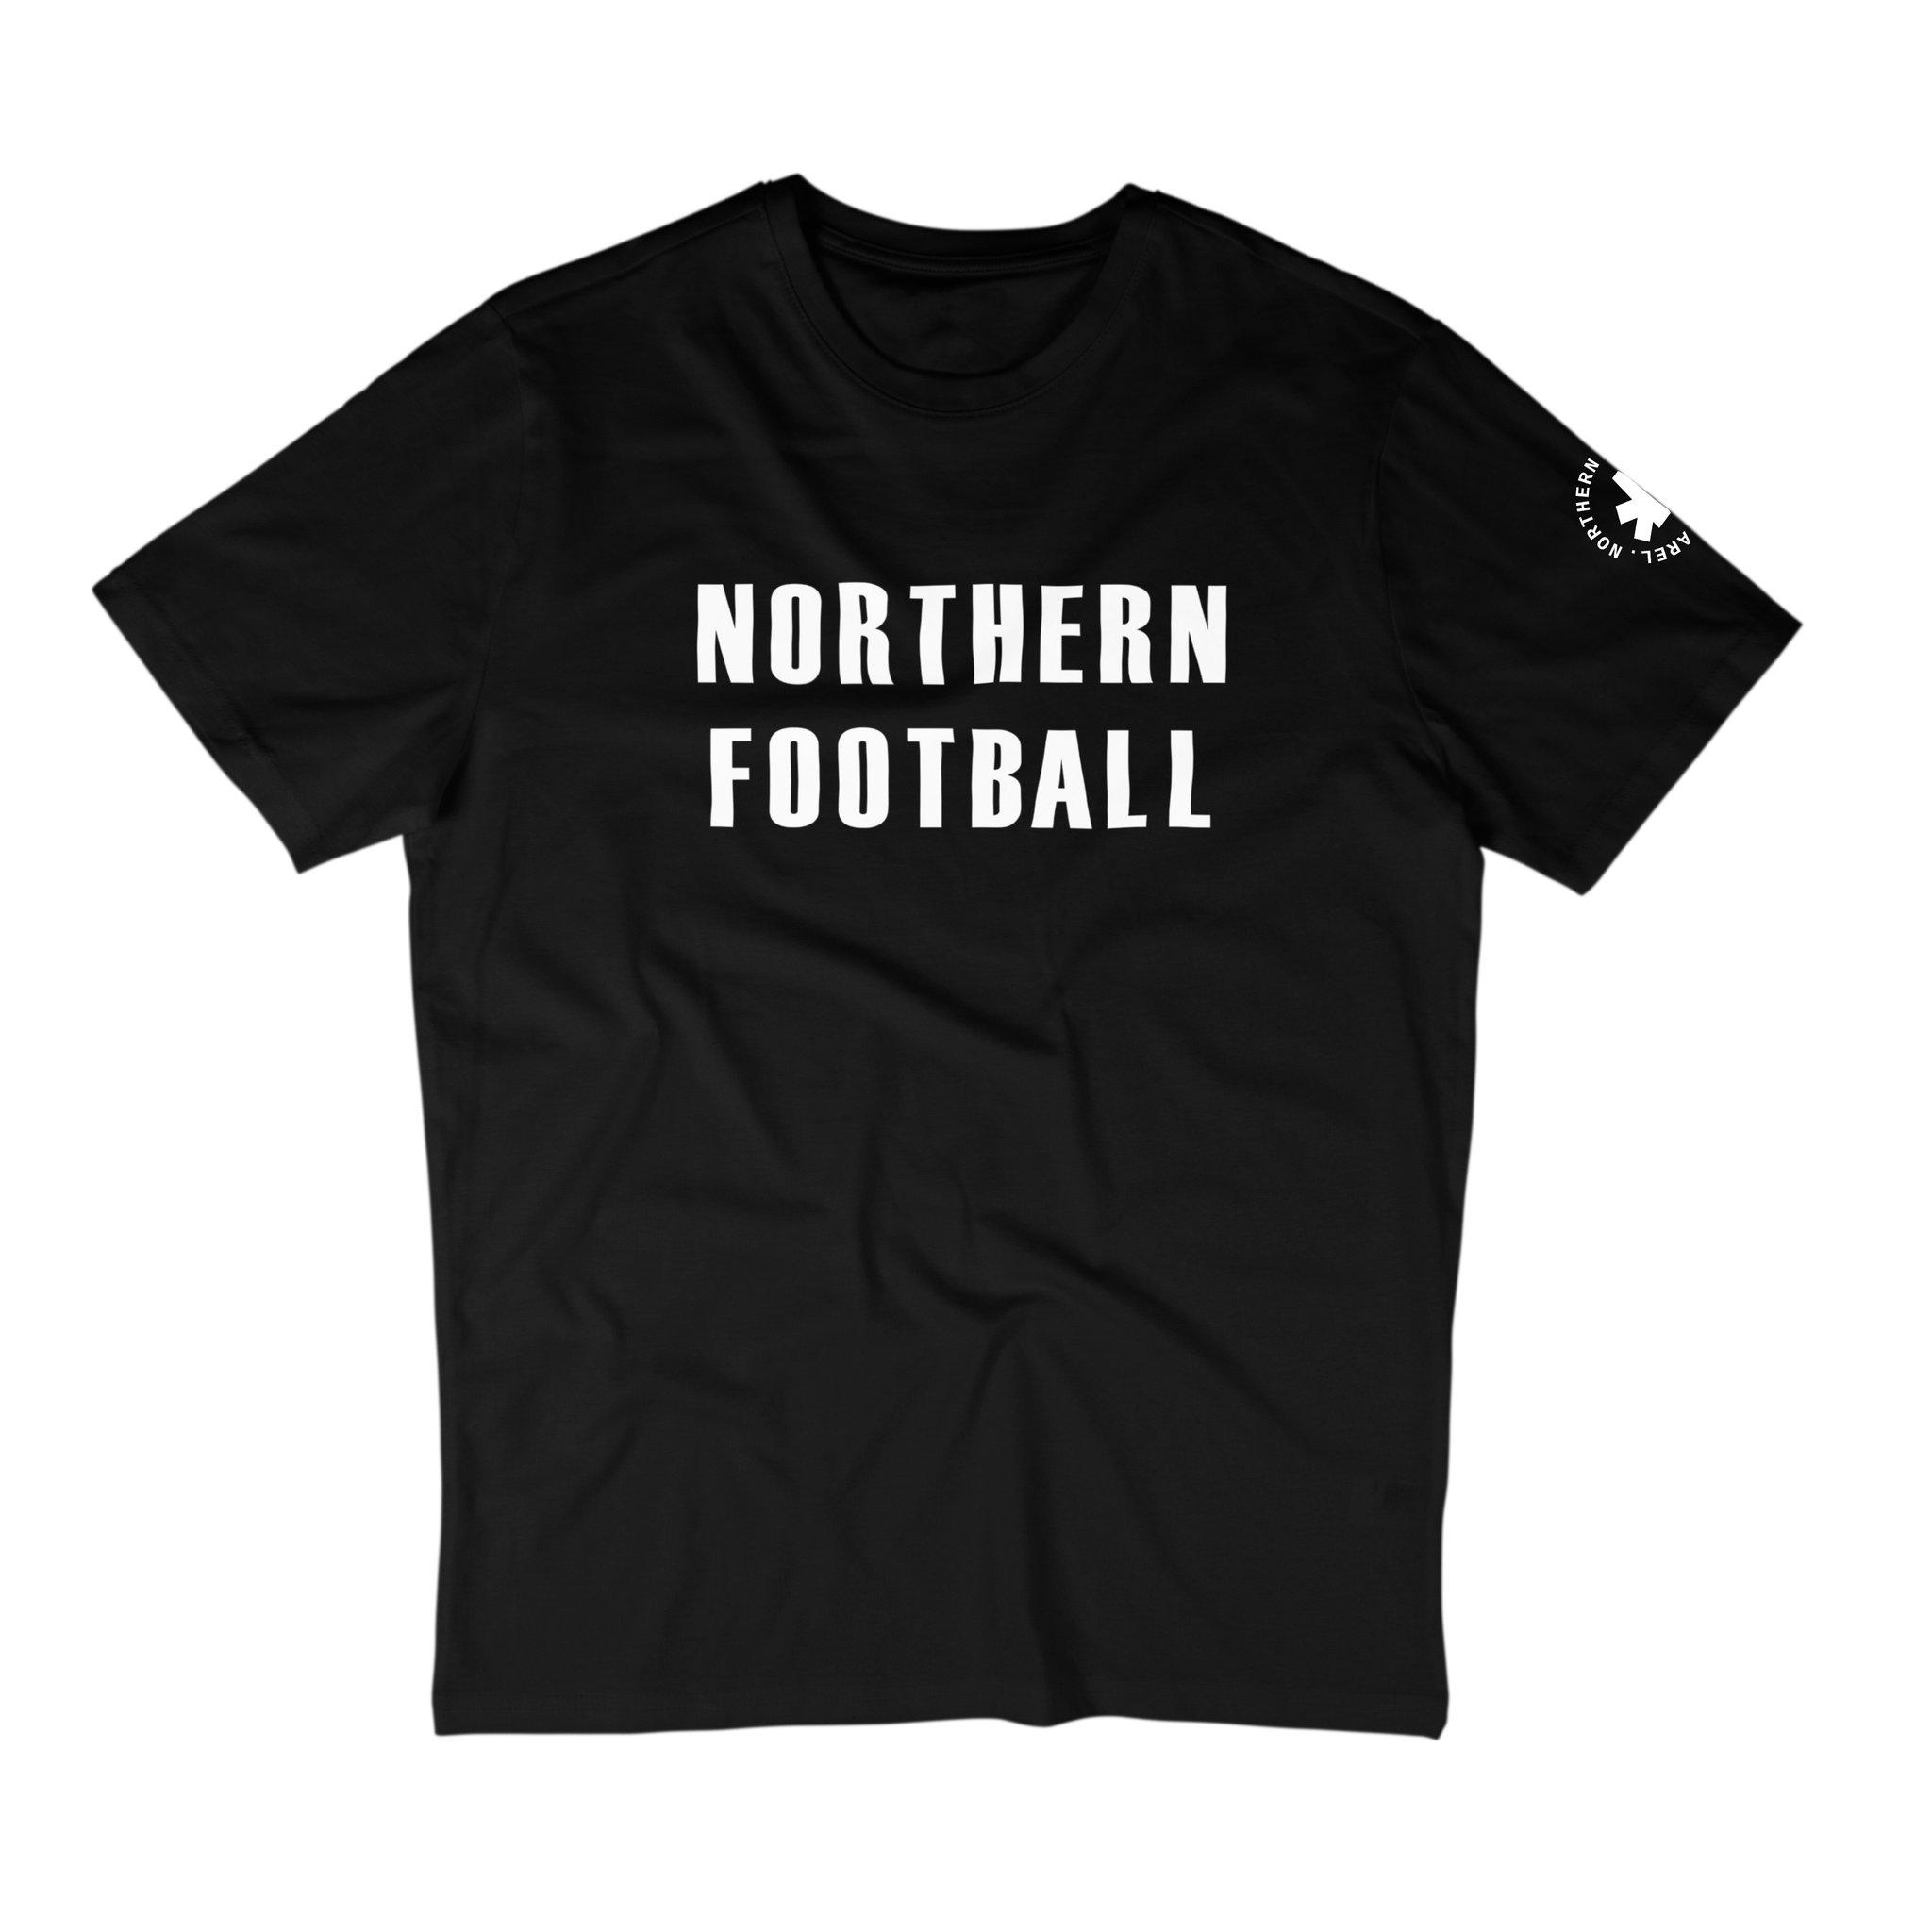 Northern Football Team Tee (Black)